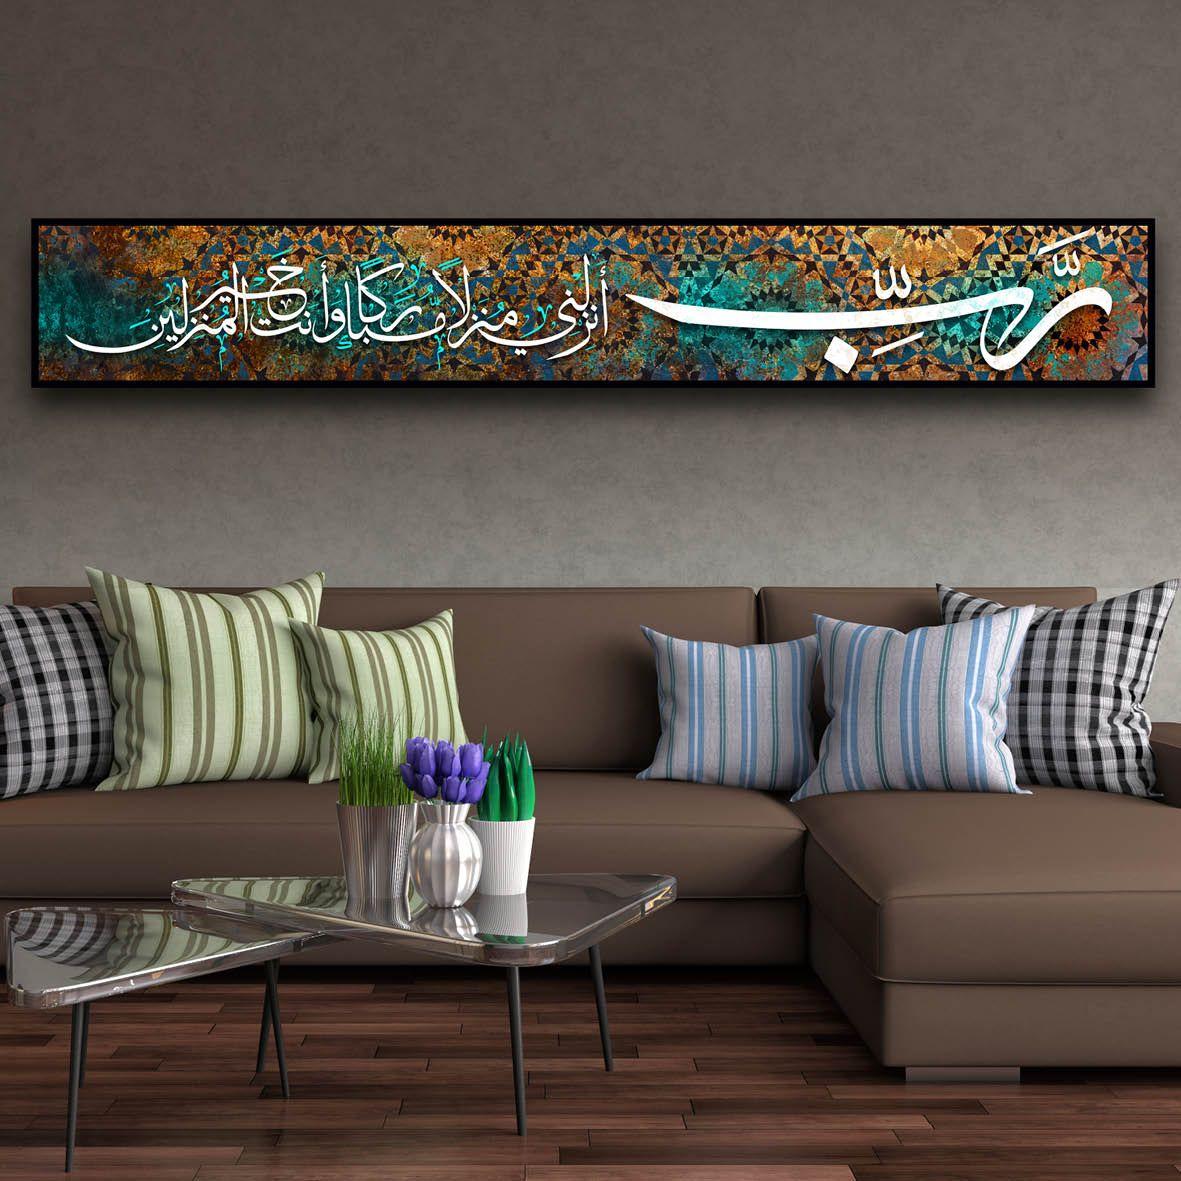 رب أنزلني منزلا مباركا وأنت خير المنزلين Islamic Art Calligraphy Islamic Caligraphy Art Islamic Decor